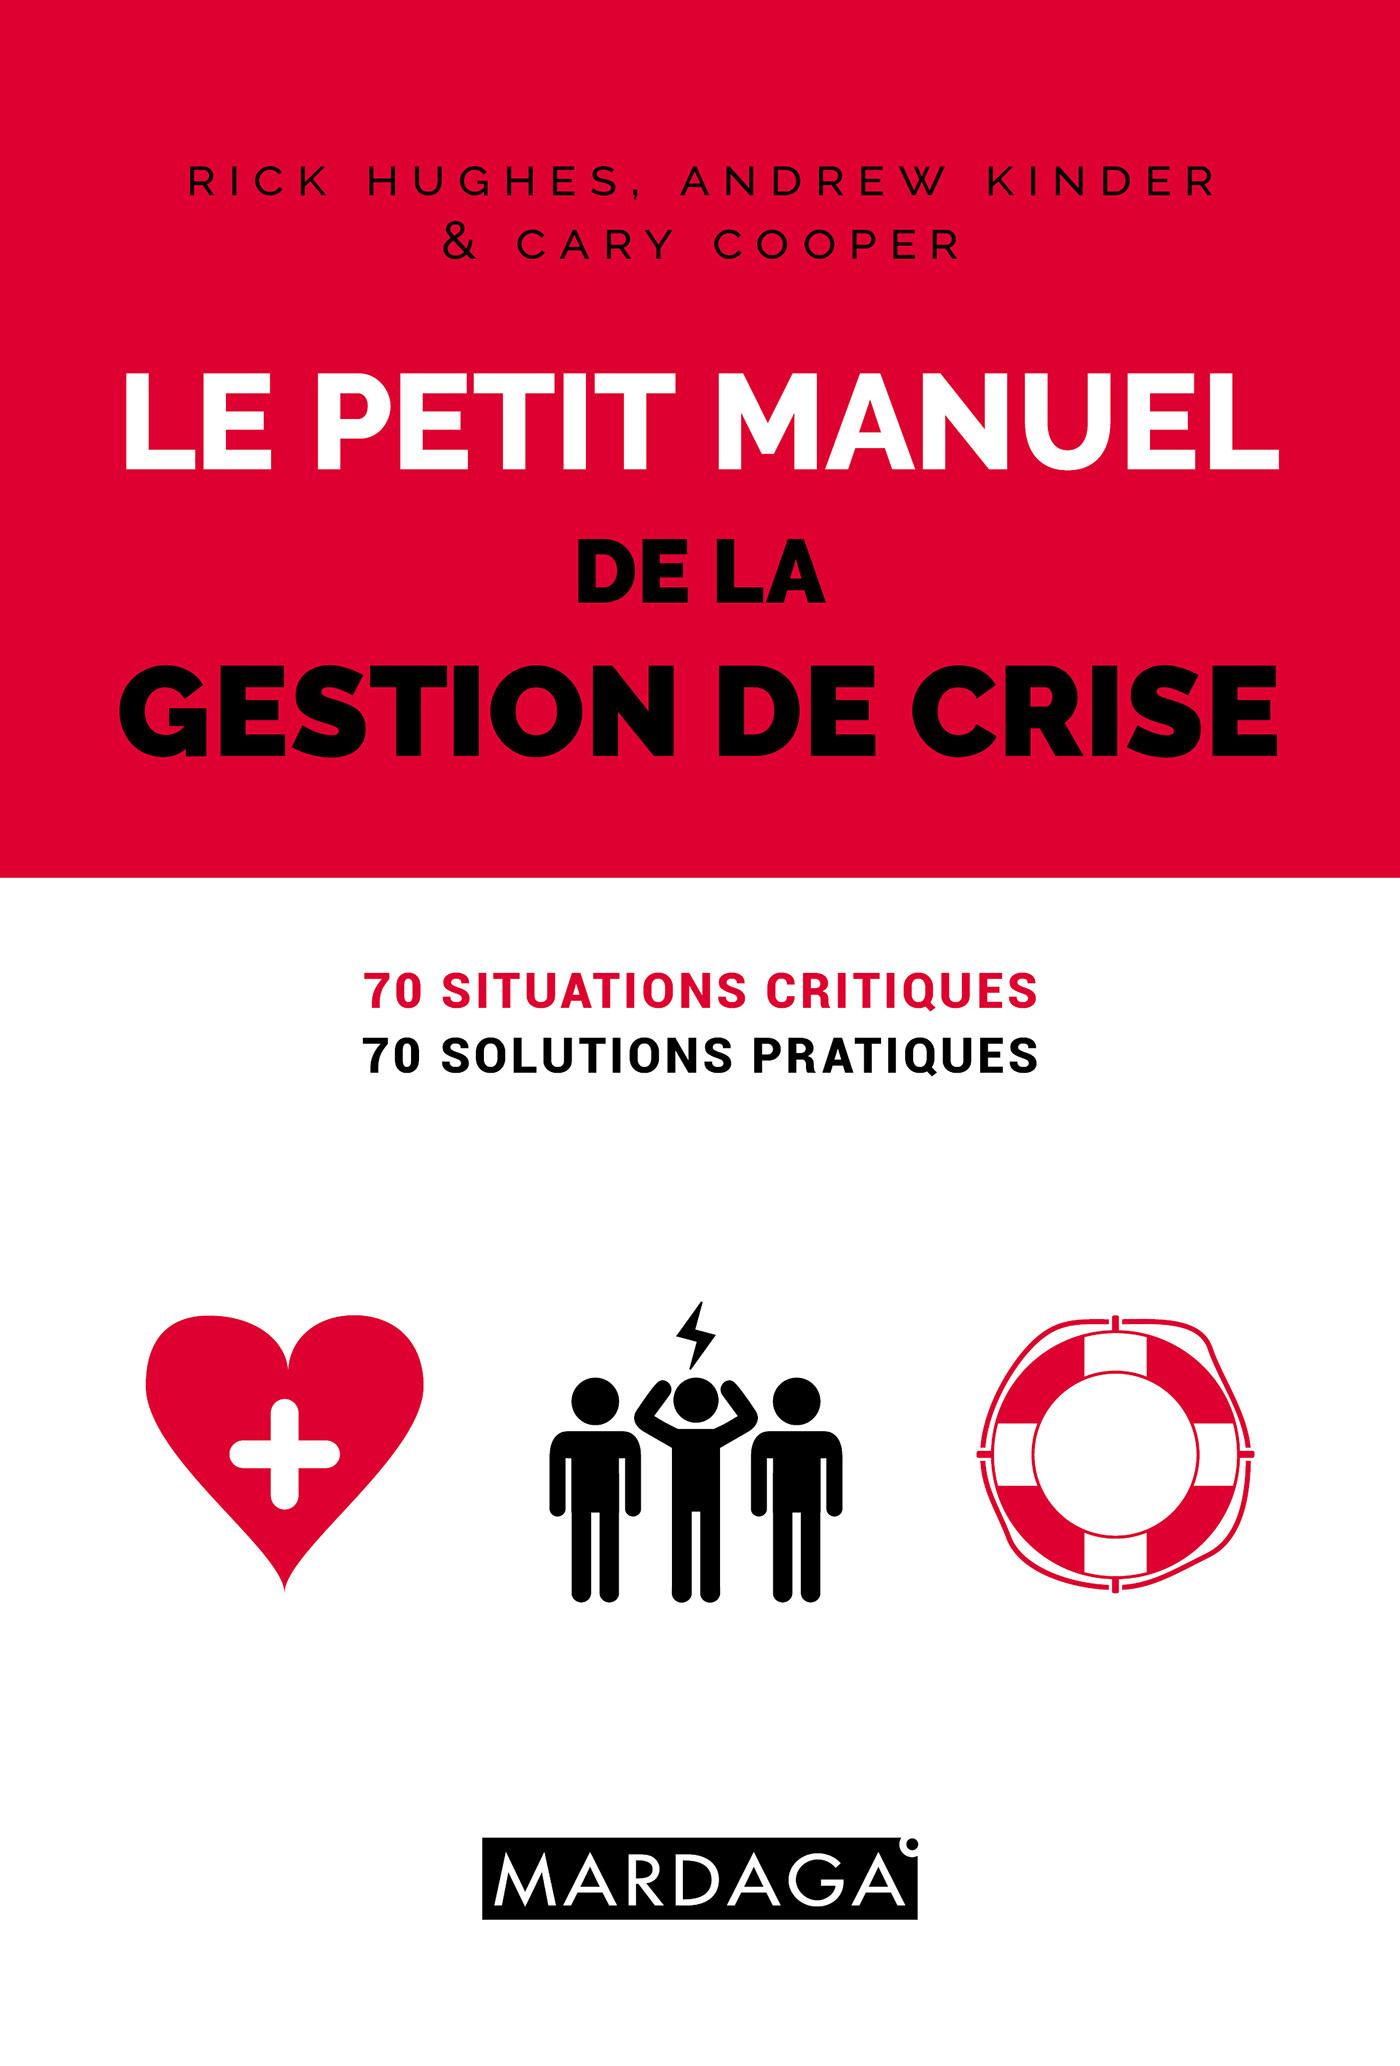 PETIT MANUEL DE LA GESTION DE CRISE (LE) - 70 SITUATIONS CRITIQUES, 70 SOLUTIONS PRATIQUES